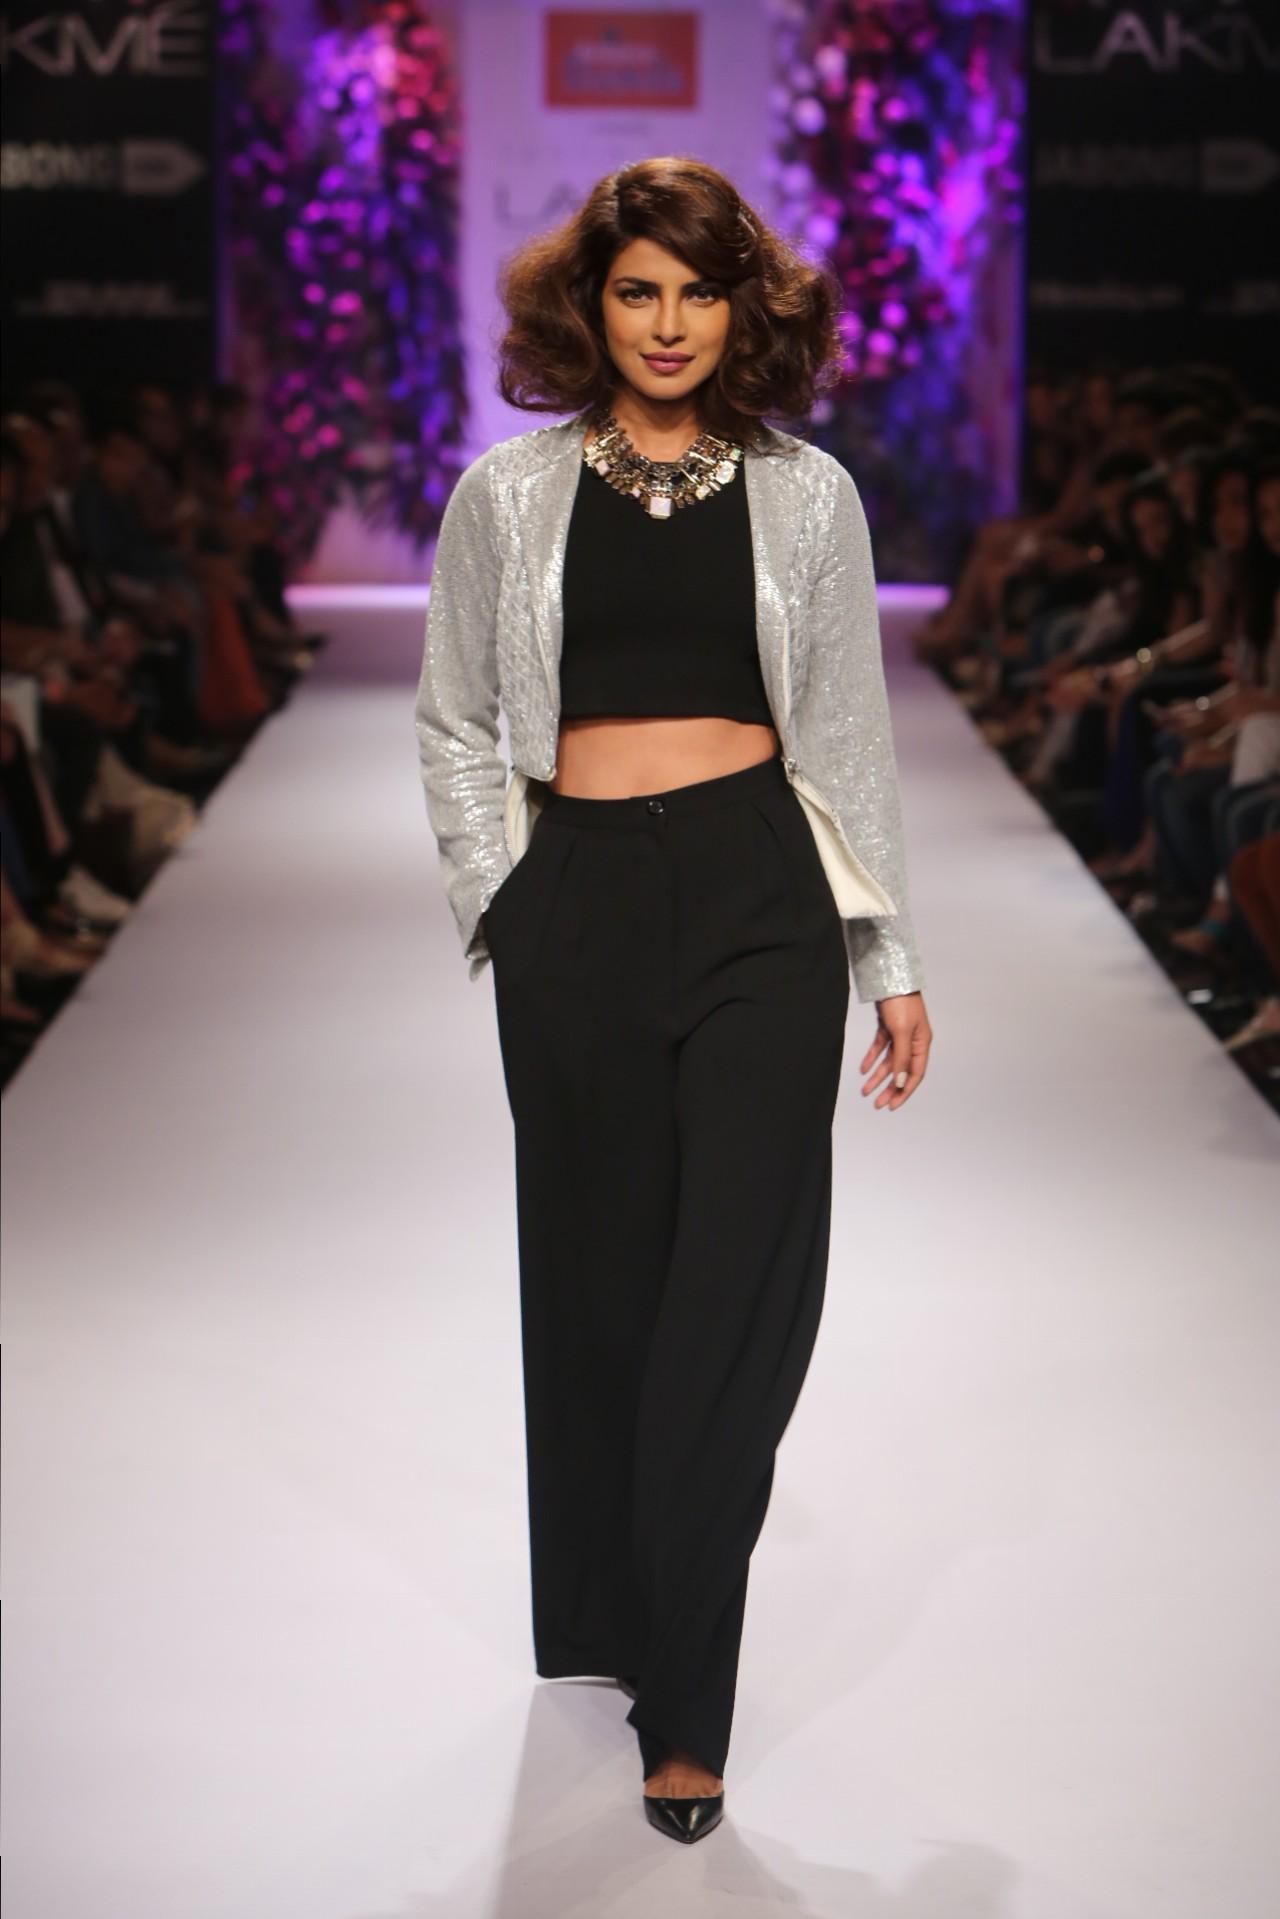 Priyanka Chopra for Varun Bahl